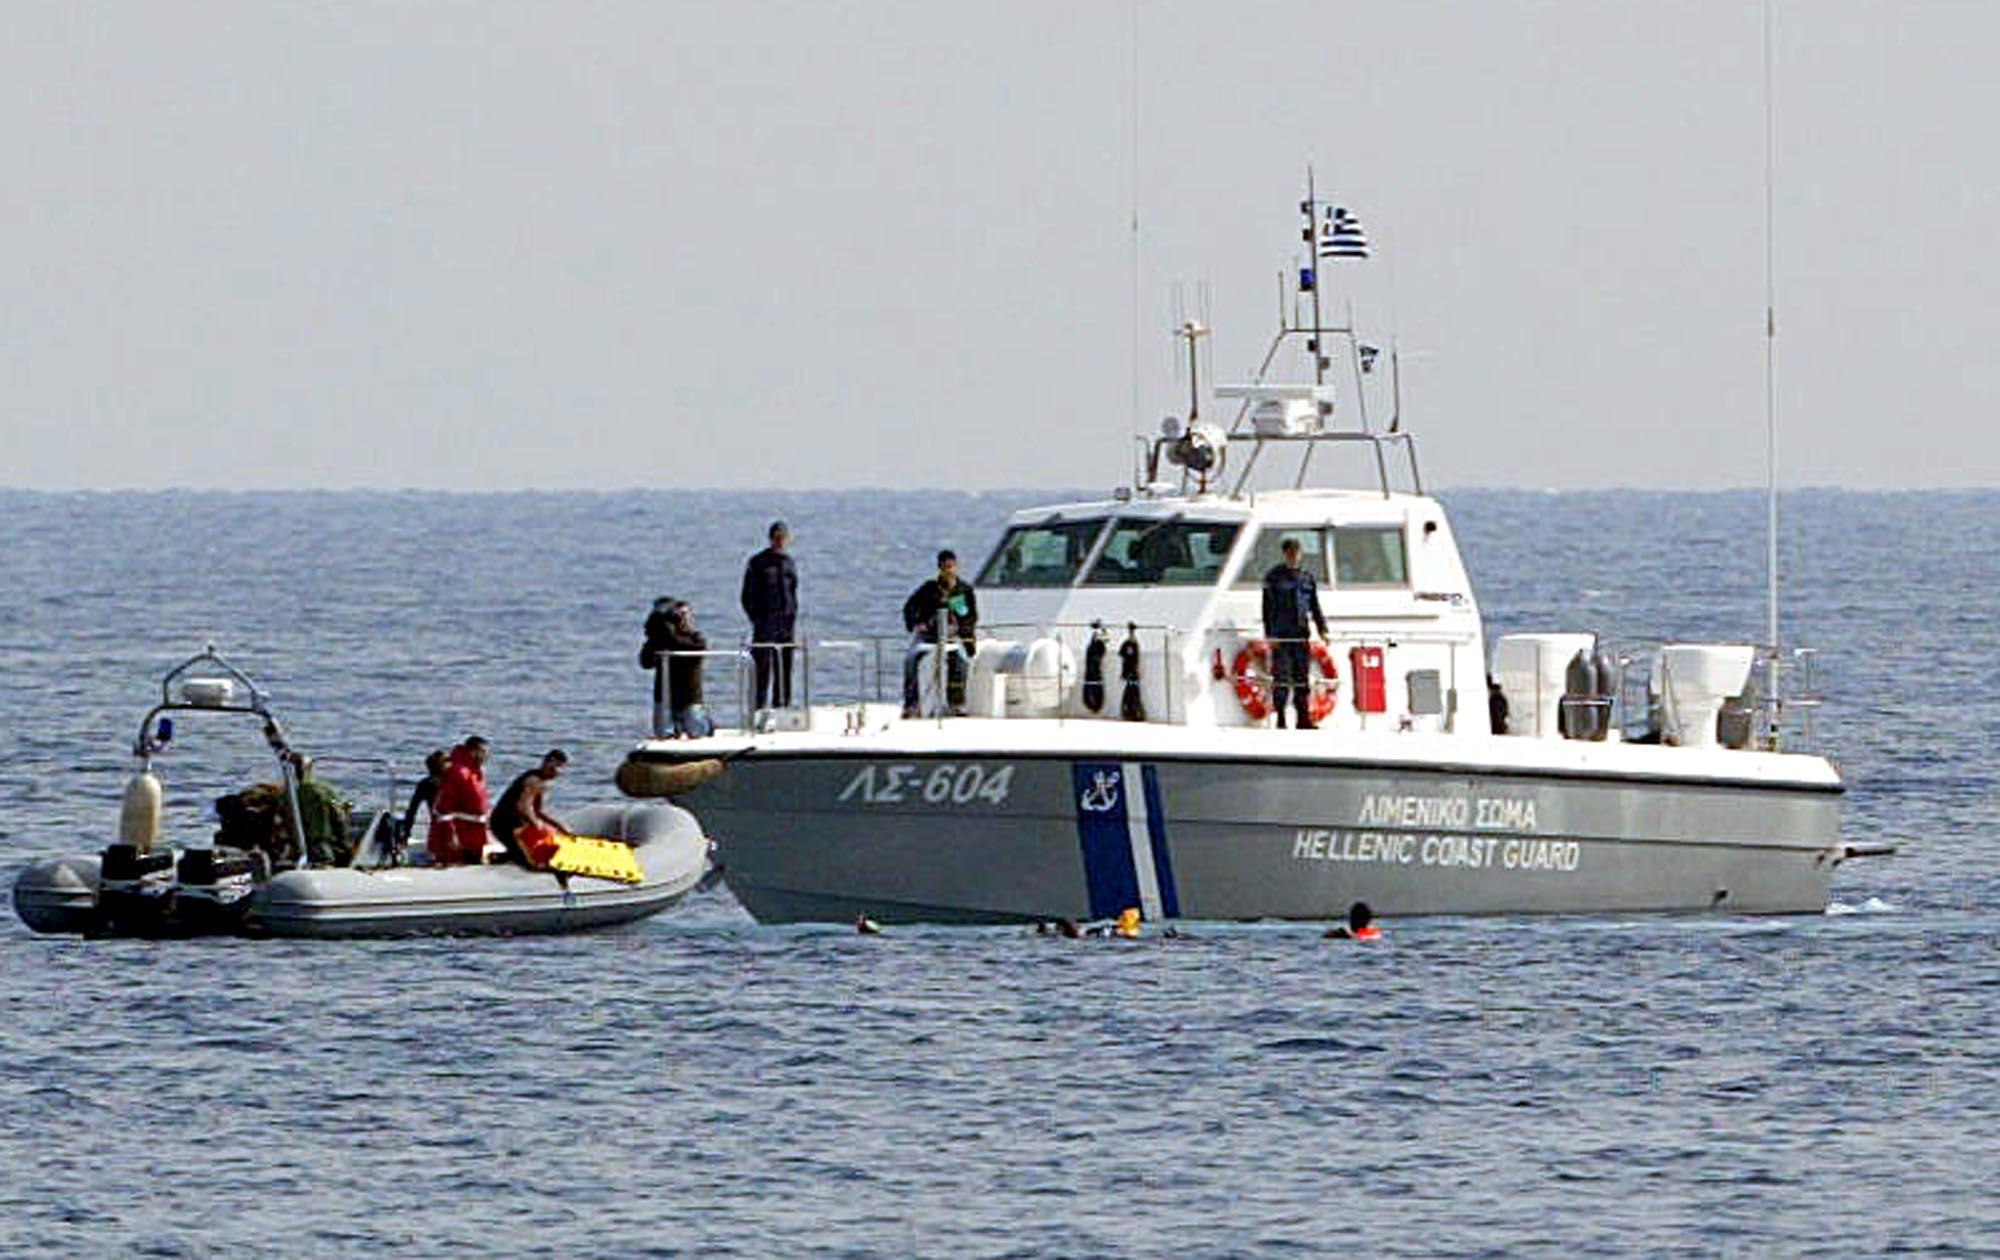 Αυτή η αθλιότητα δεν πρέπει να περάσει έτσι! Η Ε.Ε. αρνείται χρηματοδότηση στο ελληνικό Λιμενικό που προστατεύει τα ευρωπαϊκά σύνορα, αλλά χρηματοδοτεί την Τουρκία